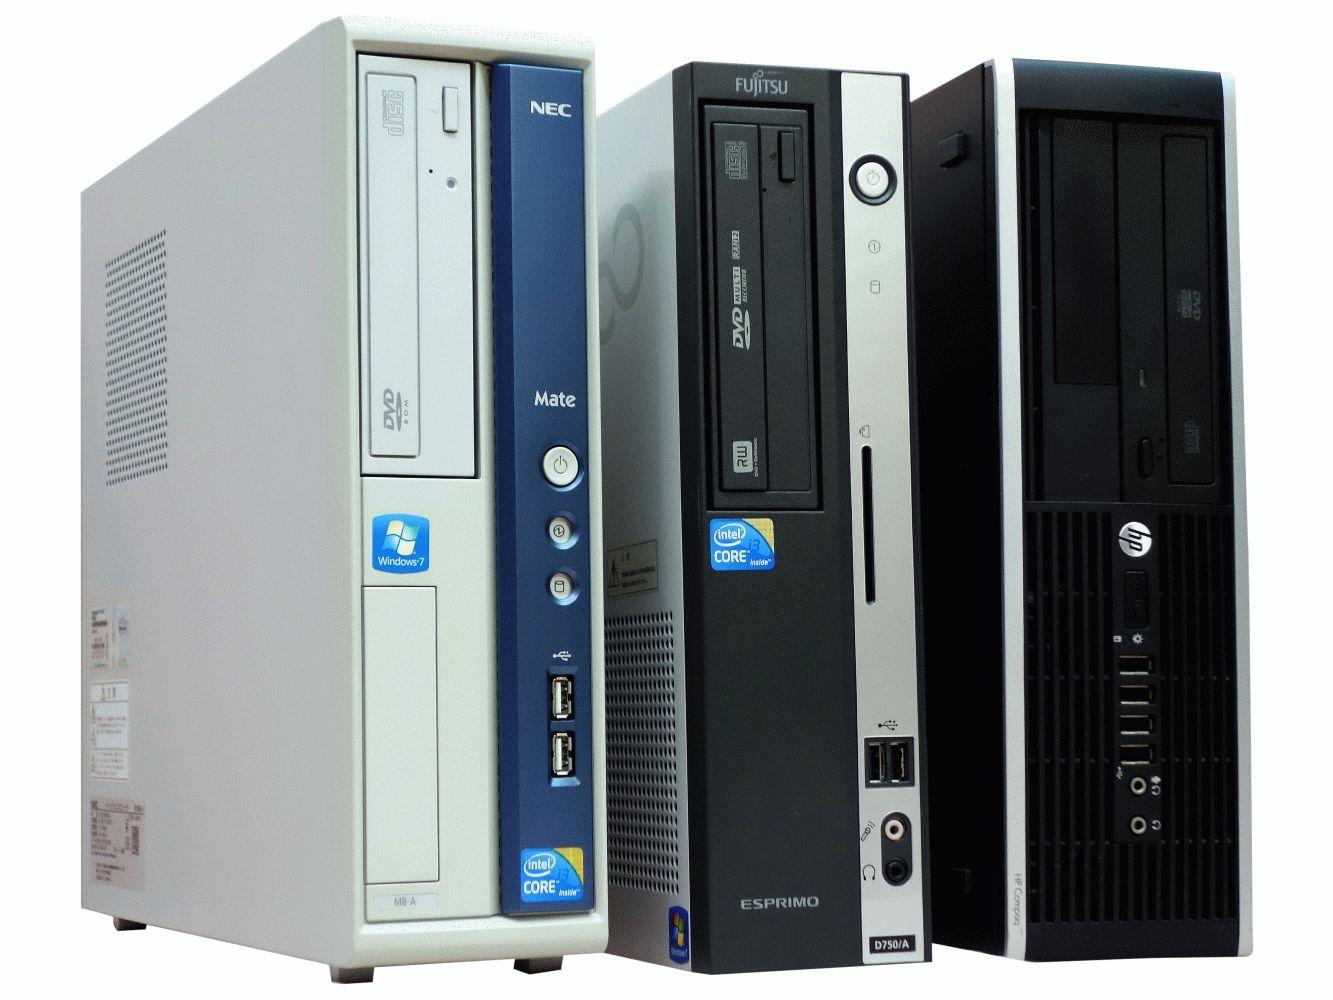 【27日(水)15:00~3月末まで!5%OFFクーポン&ポイント5倍!】中古パソコン デスクトップPC 機種おまかせ Corei3第三世代以上 メモリ16GB HDD500GB Windows10 Pro 64bit【送料無料】【100日保証】